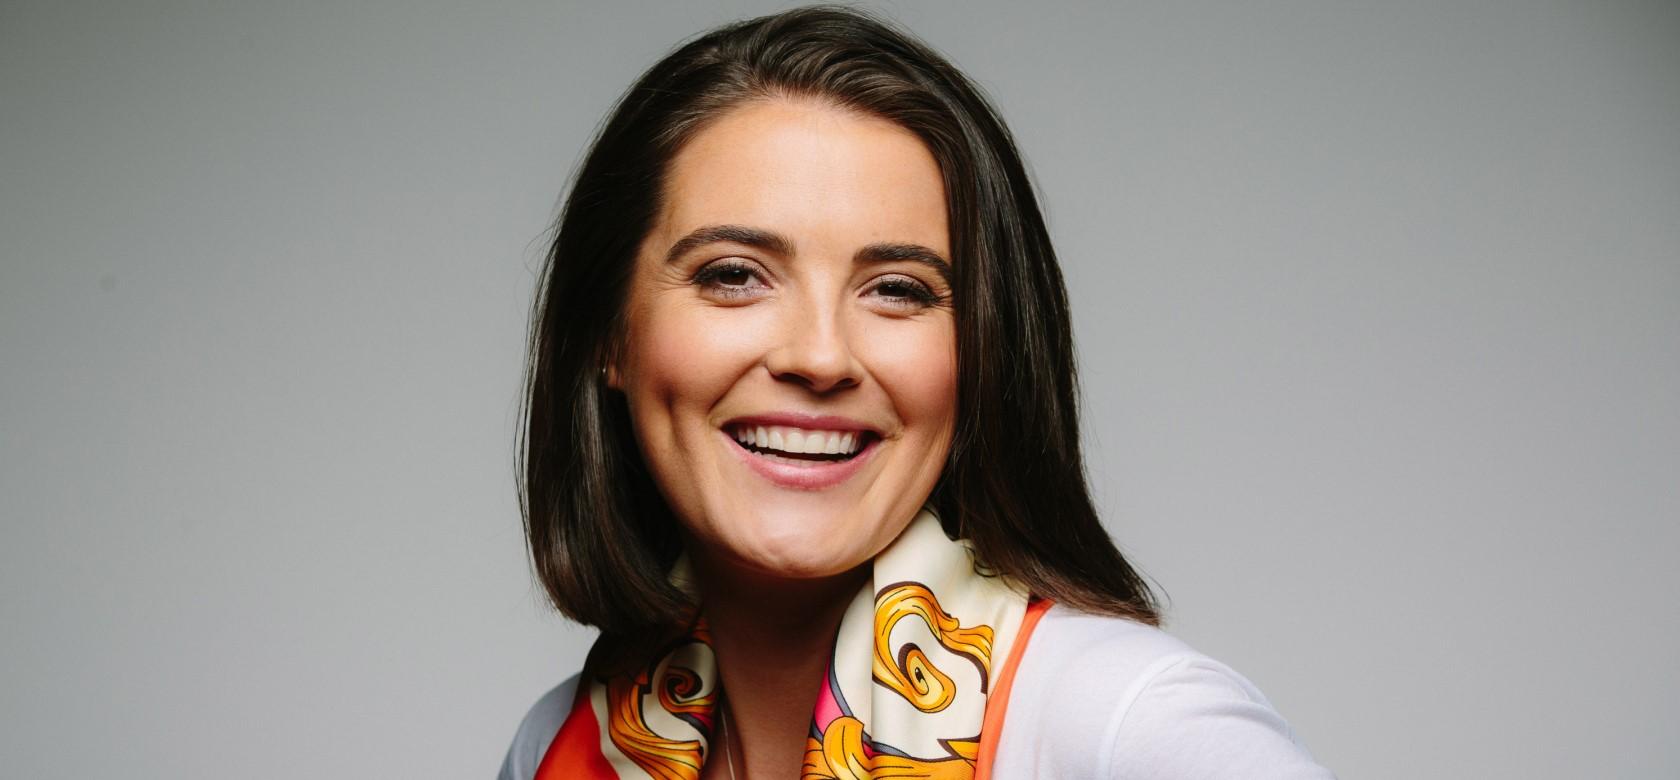 picture of Georgia Beattie